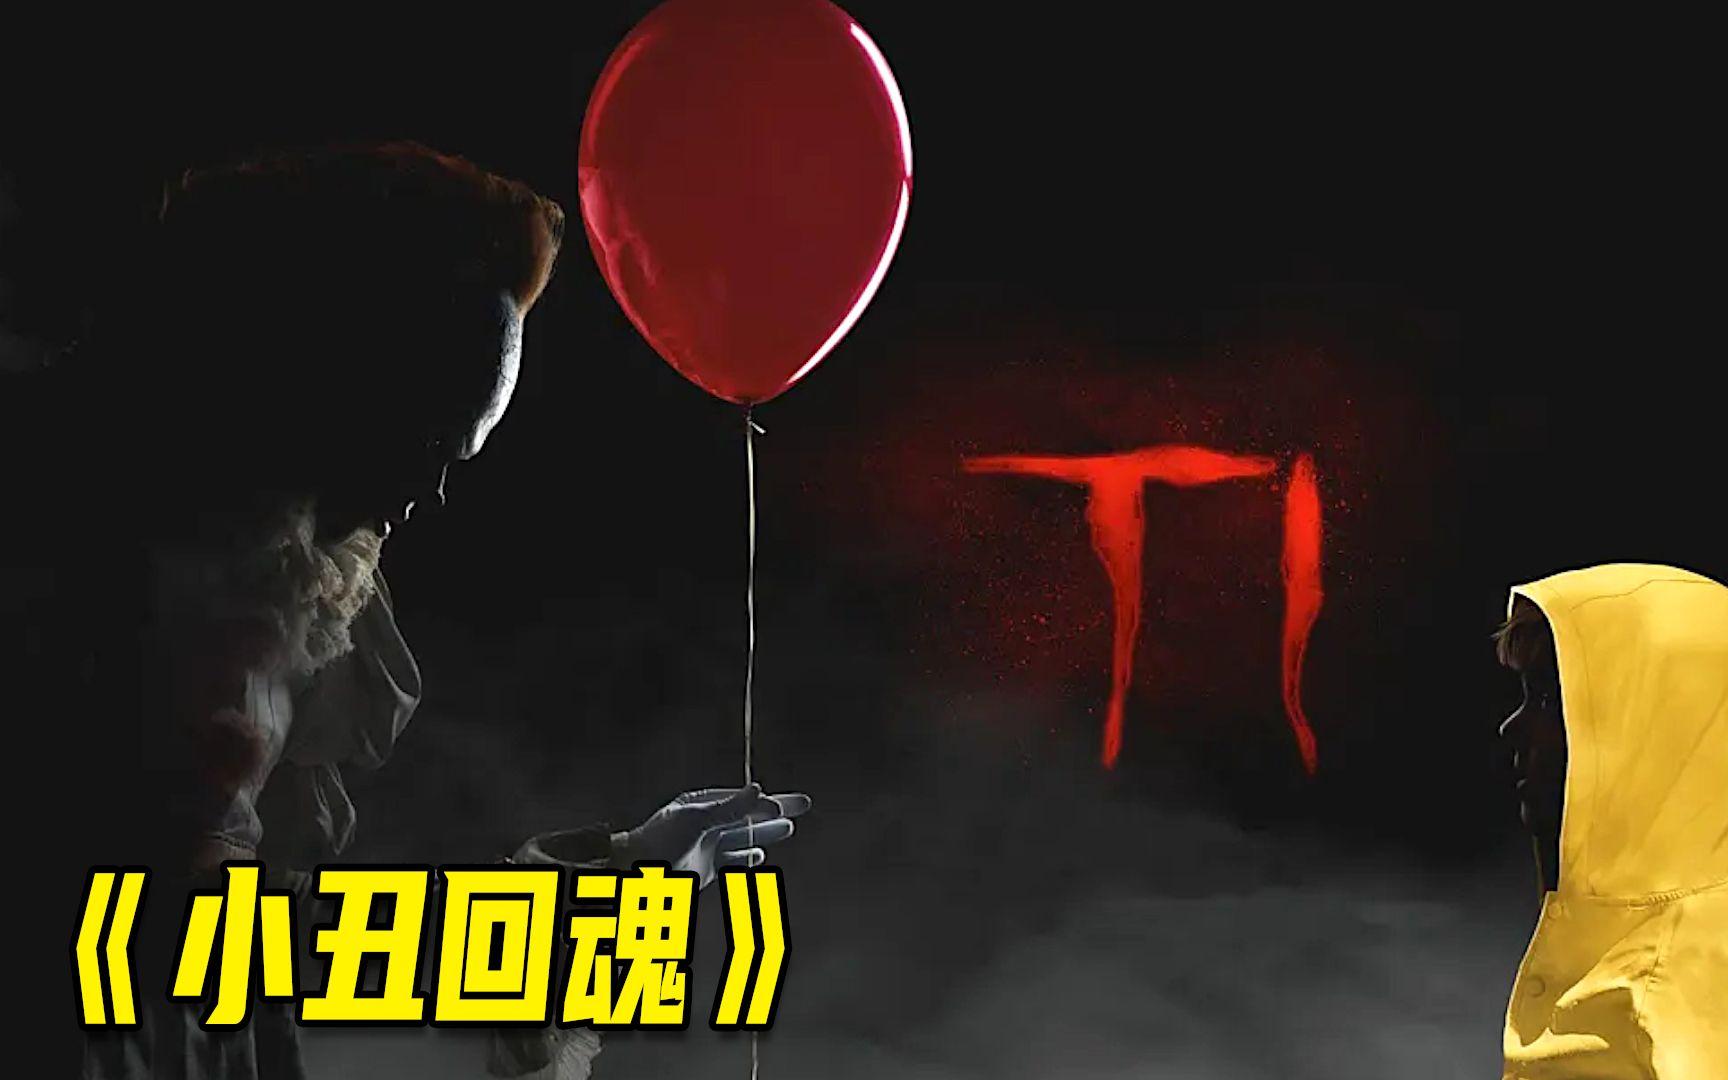 全球票房最好的恐怖片,每27年就会出现的诡异小丑!《小丑回魂》